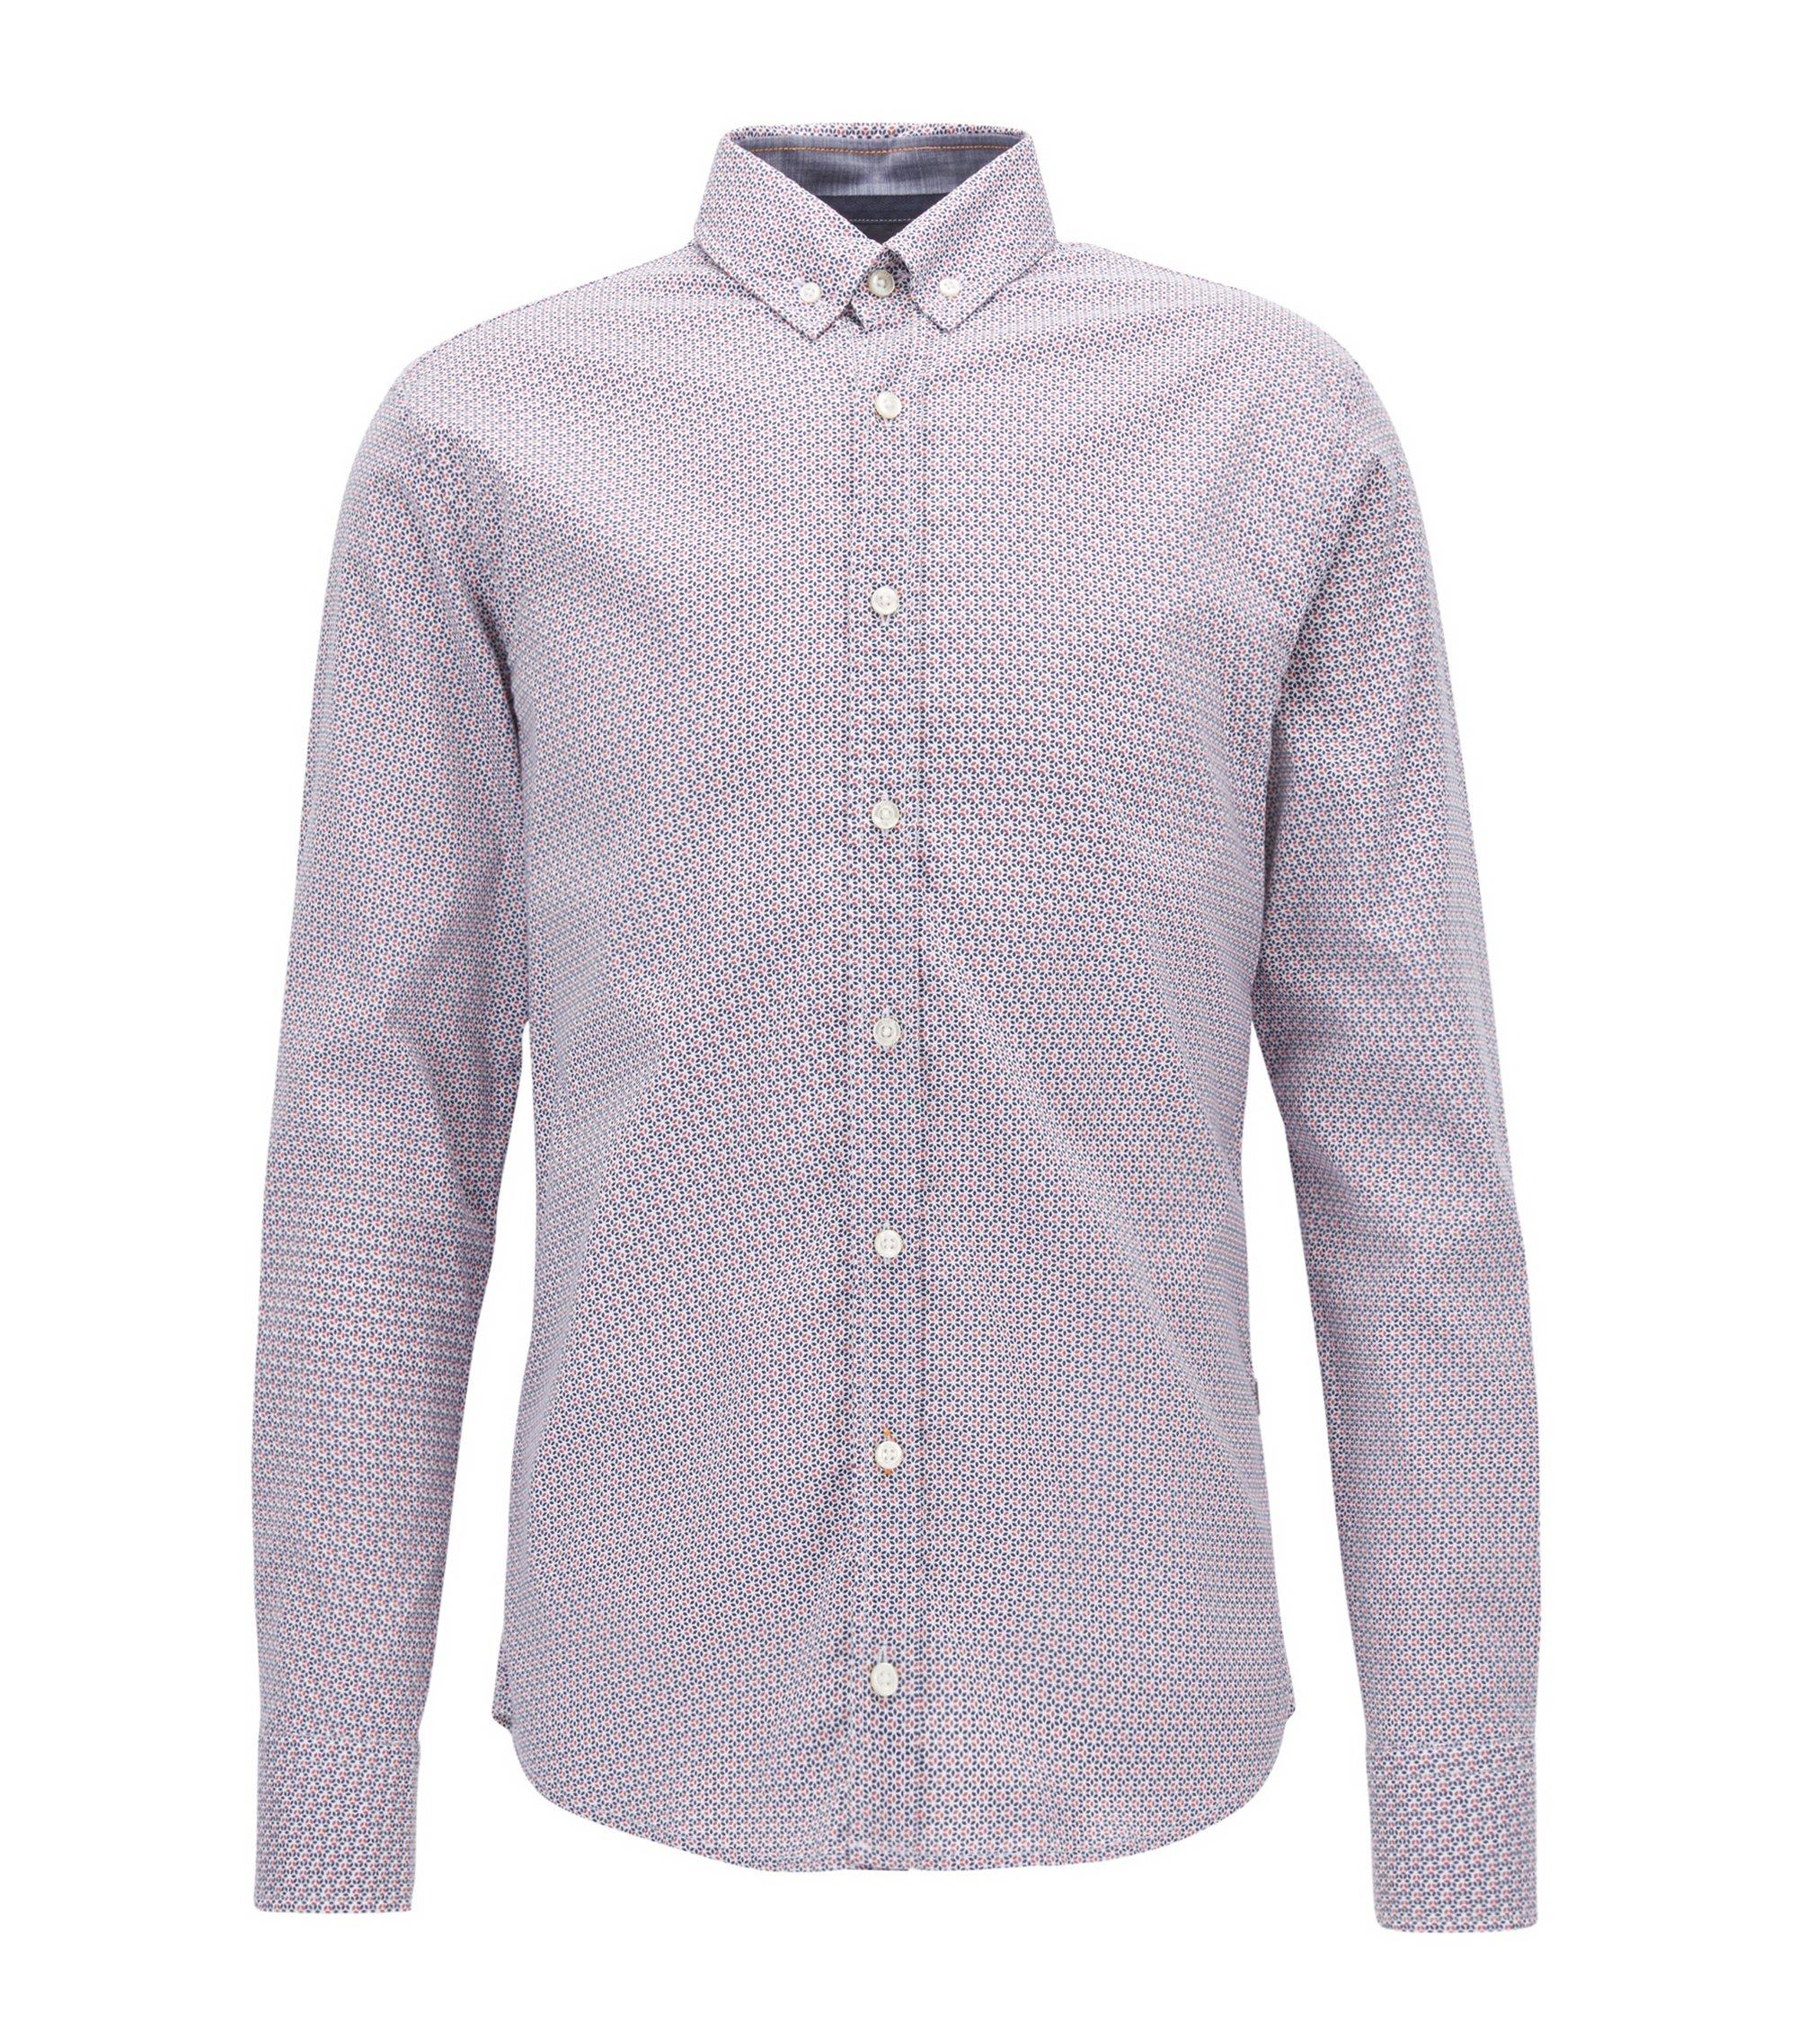 Camicia slim fit in popeline di cotone con microstampa, Blu scuro